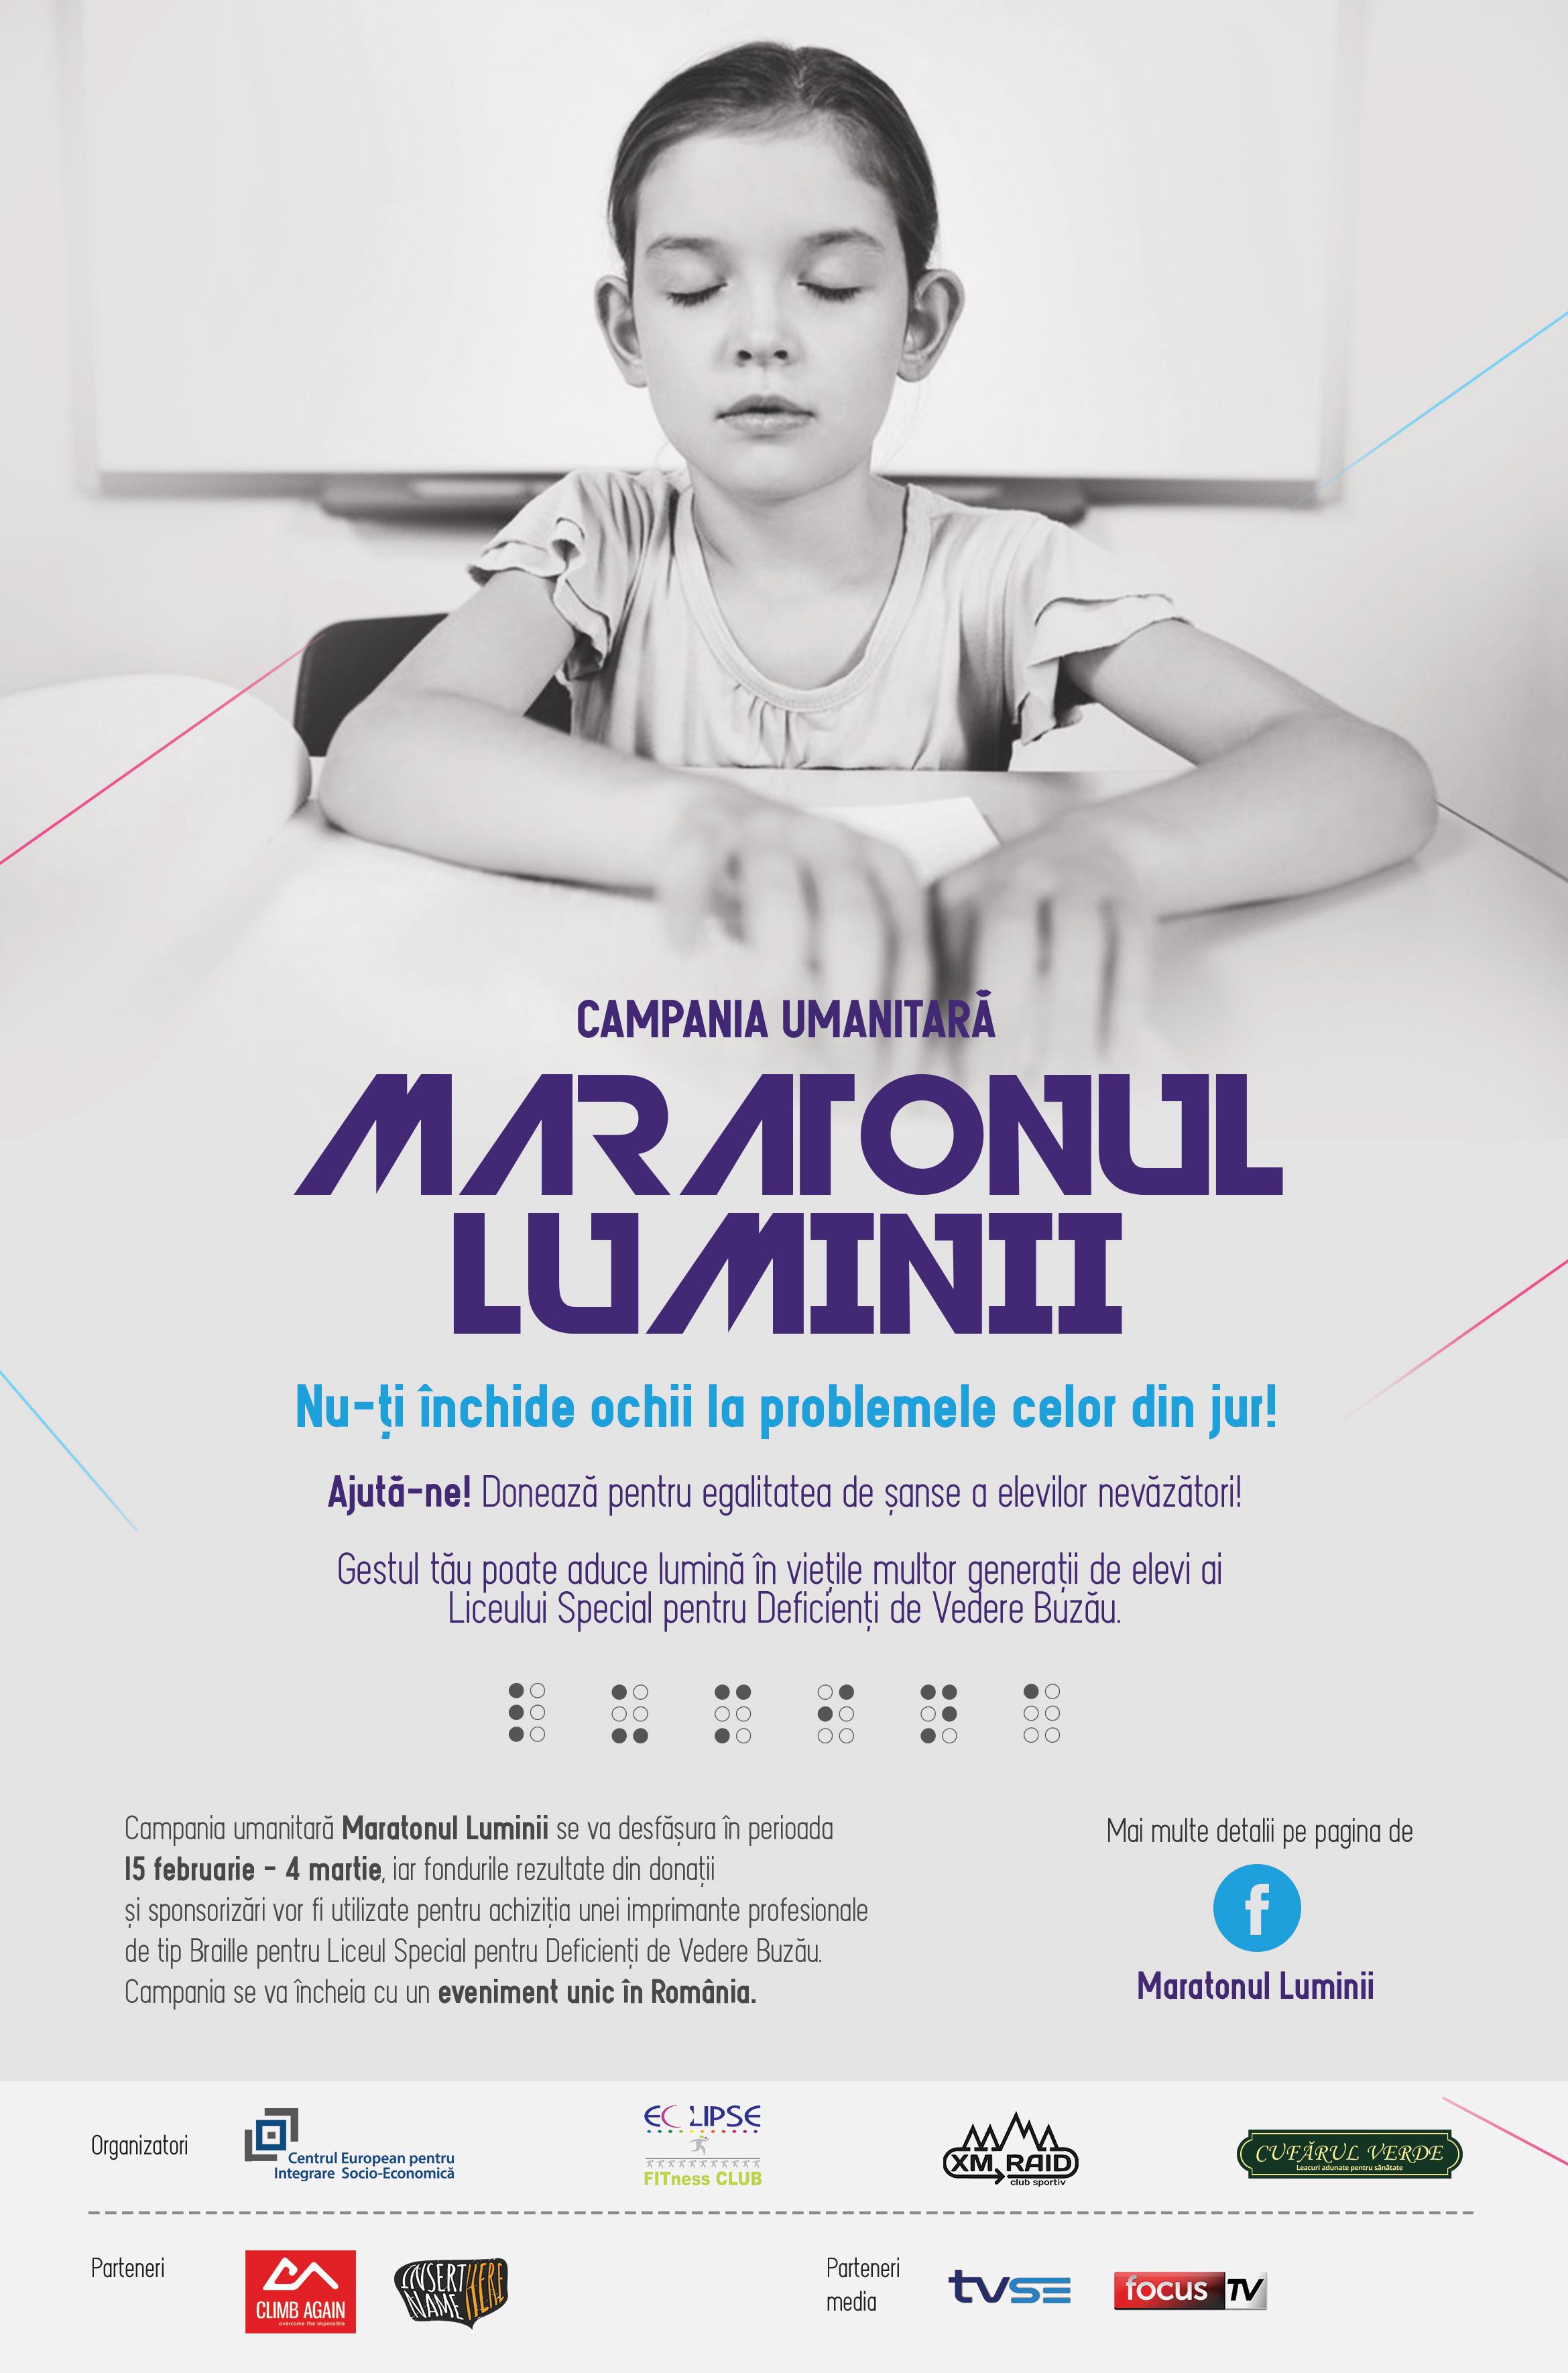 Maratonul Luminii, un eveniment unic în România, va avea loc pe 4 martie, la Buzău